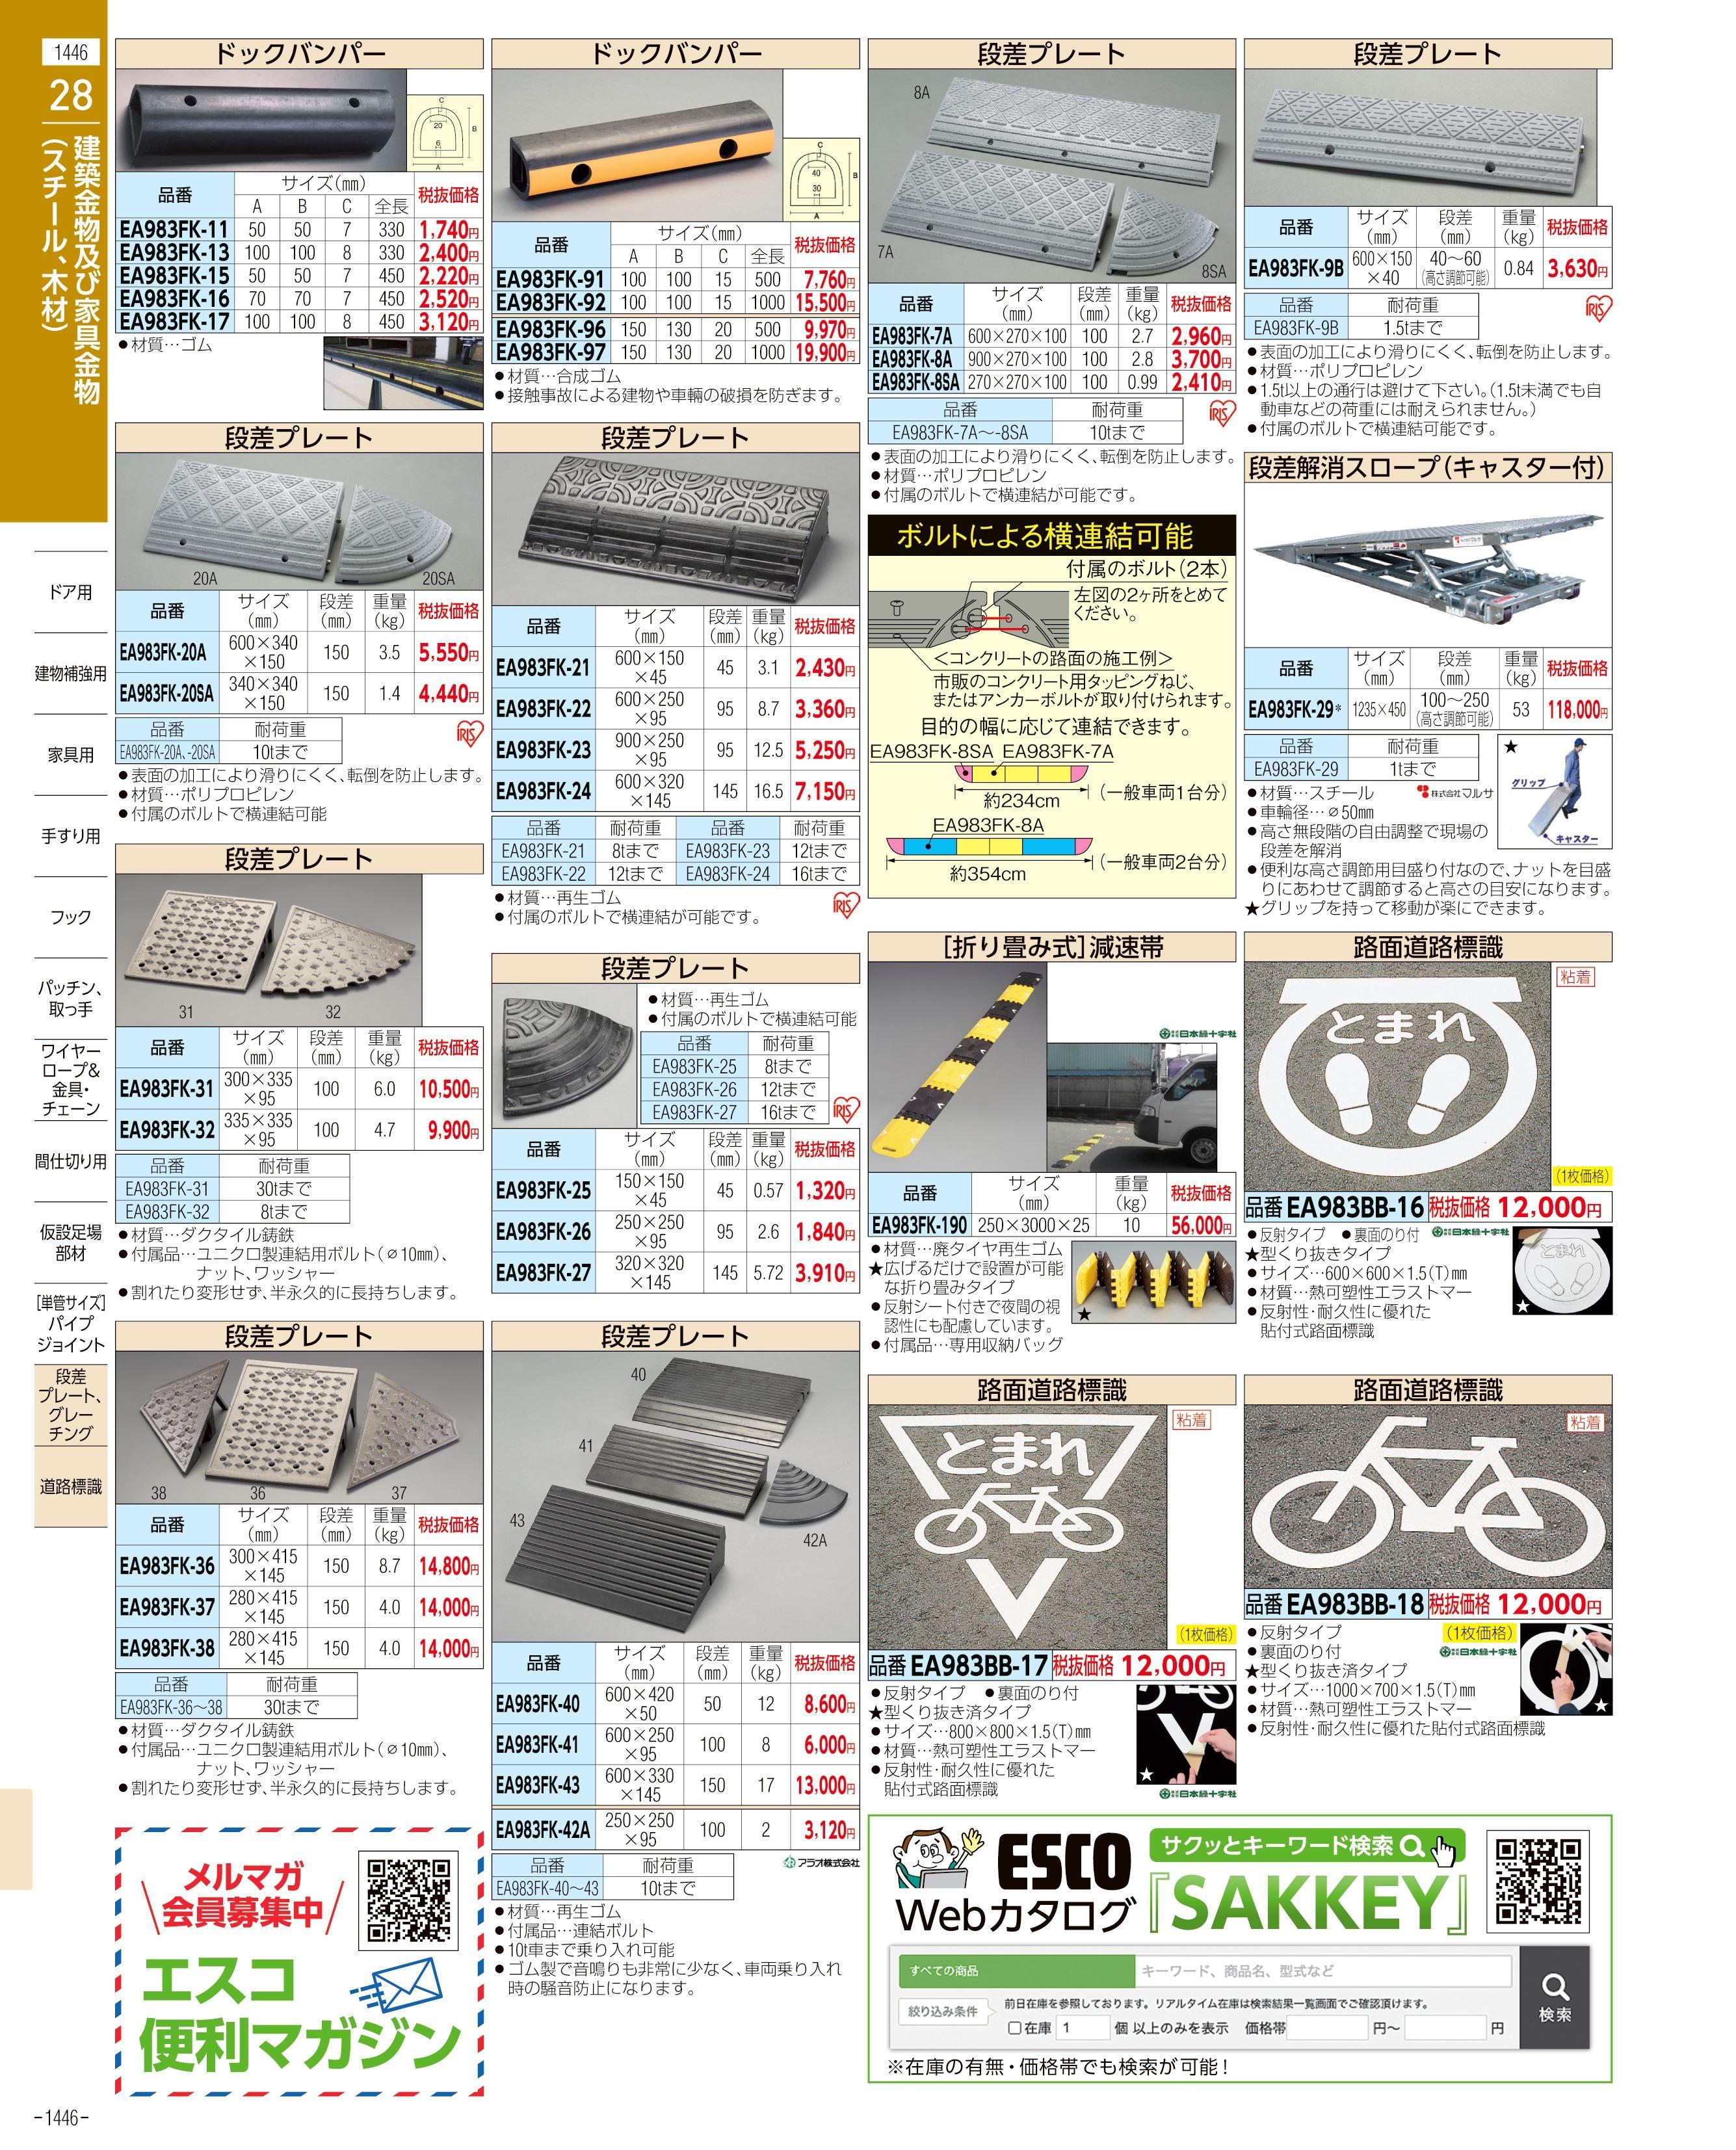 エスコ便利カタログ1446ページ